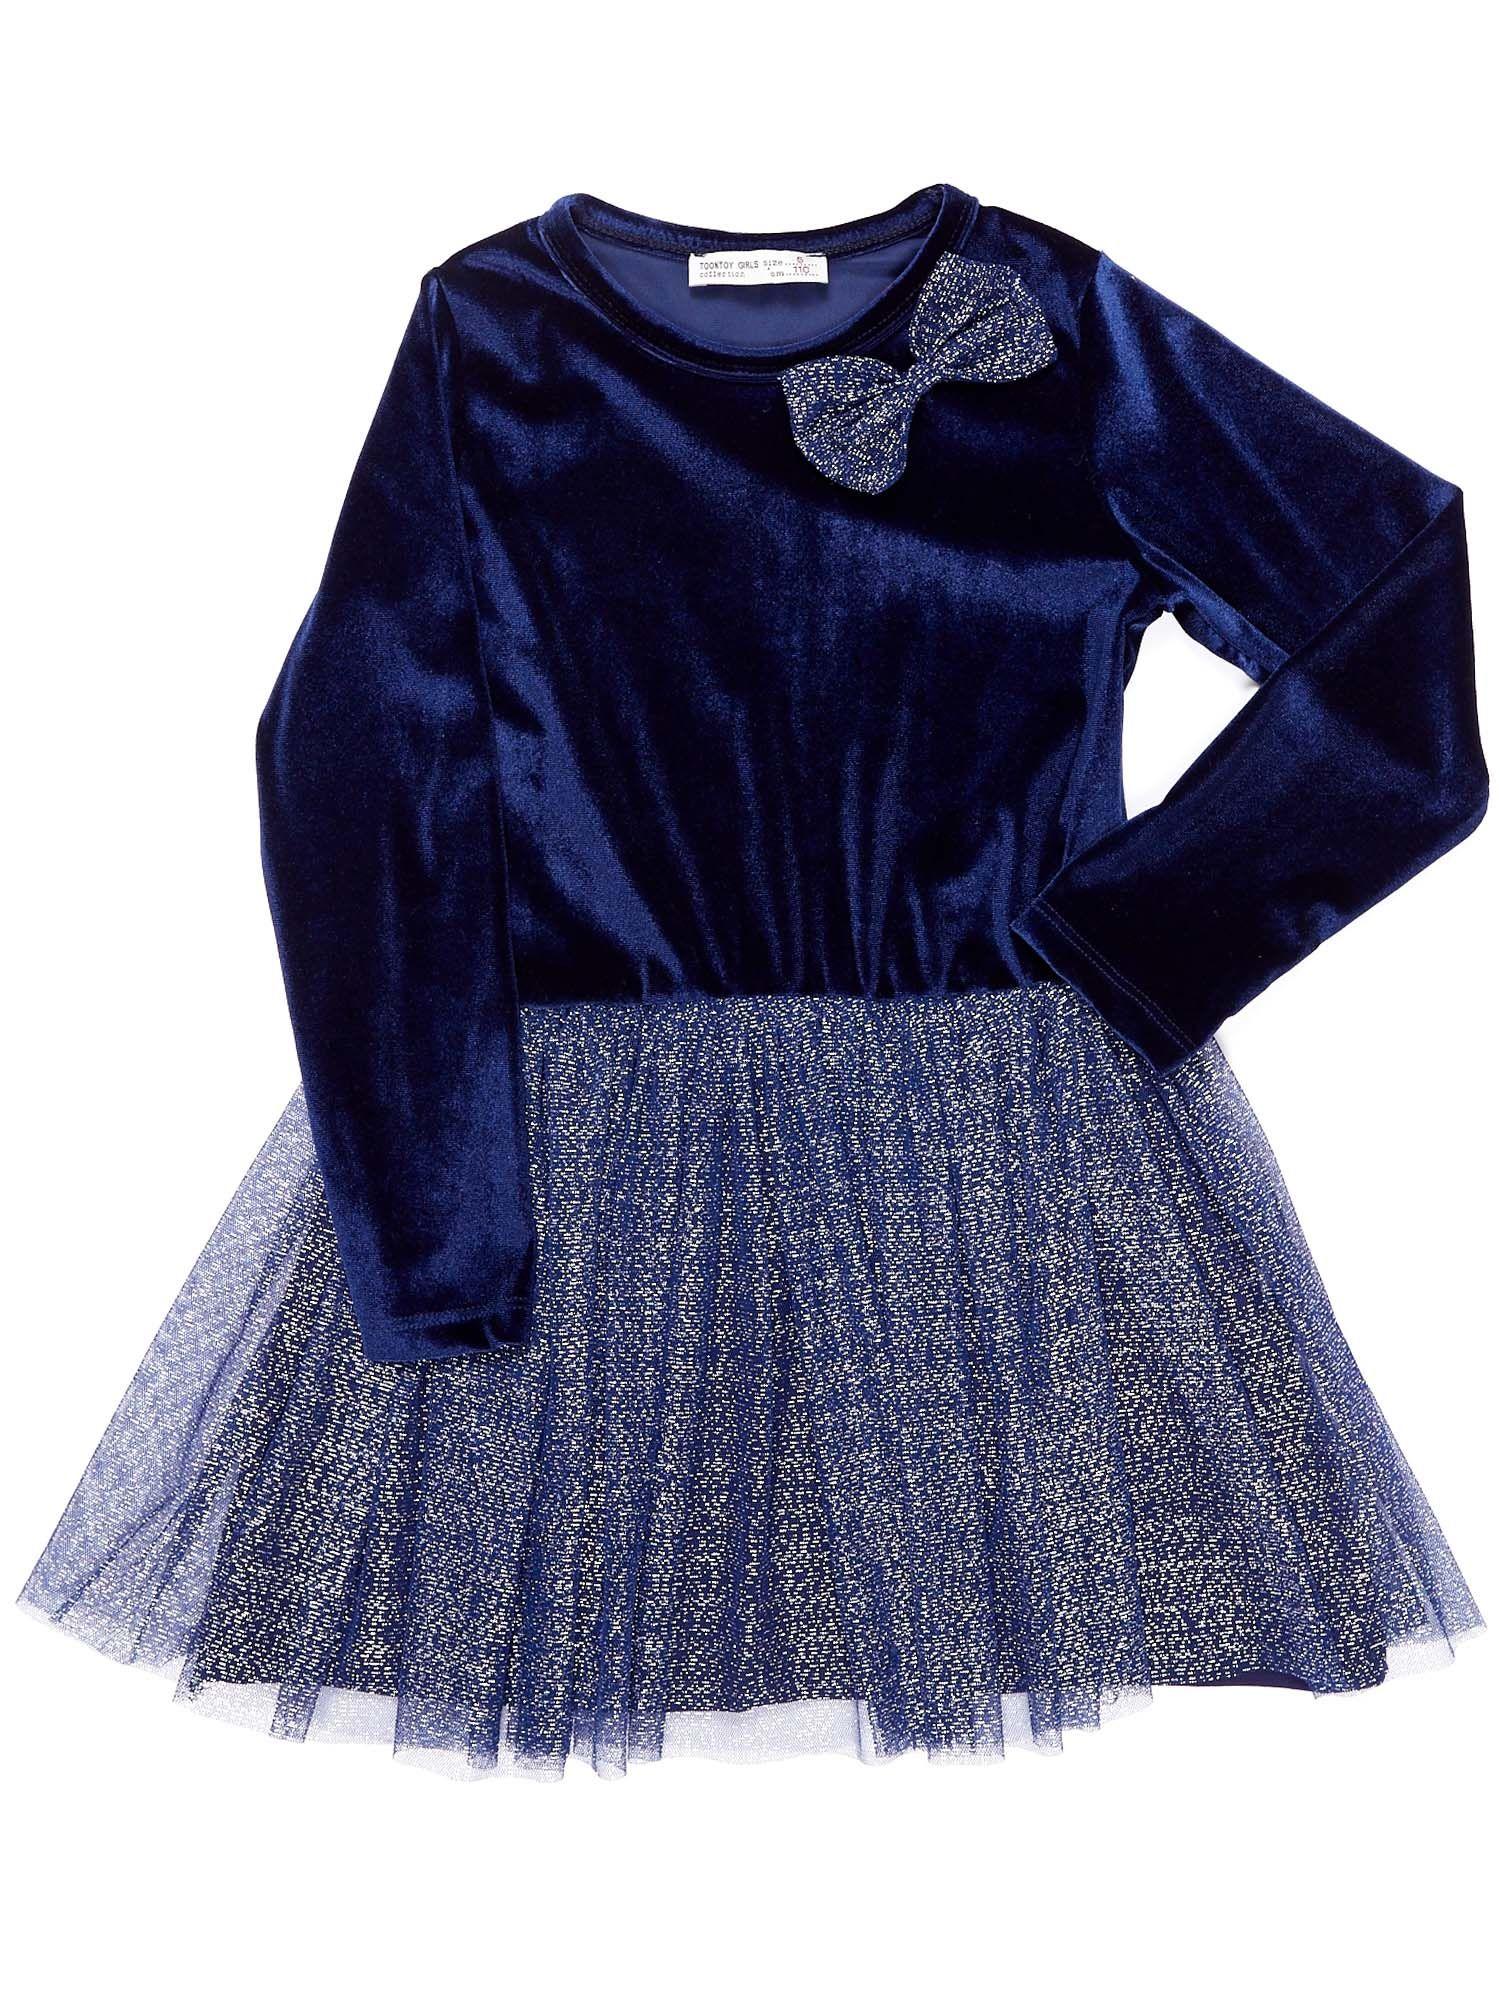 18177912f0 Granatowa aksamitna sukienka dla dziewczynki - Dziecko Dziewczynka ...